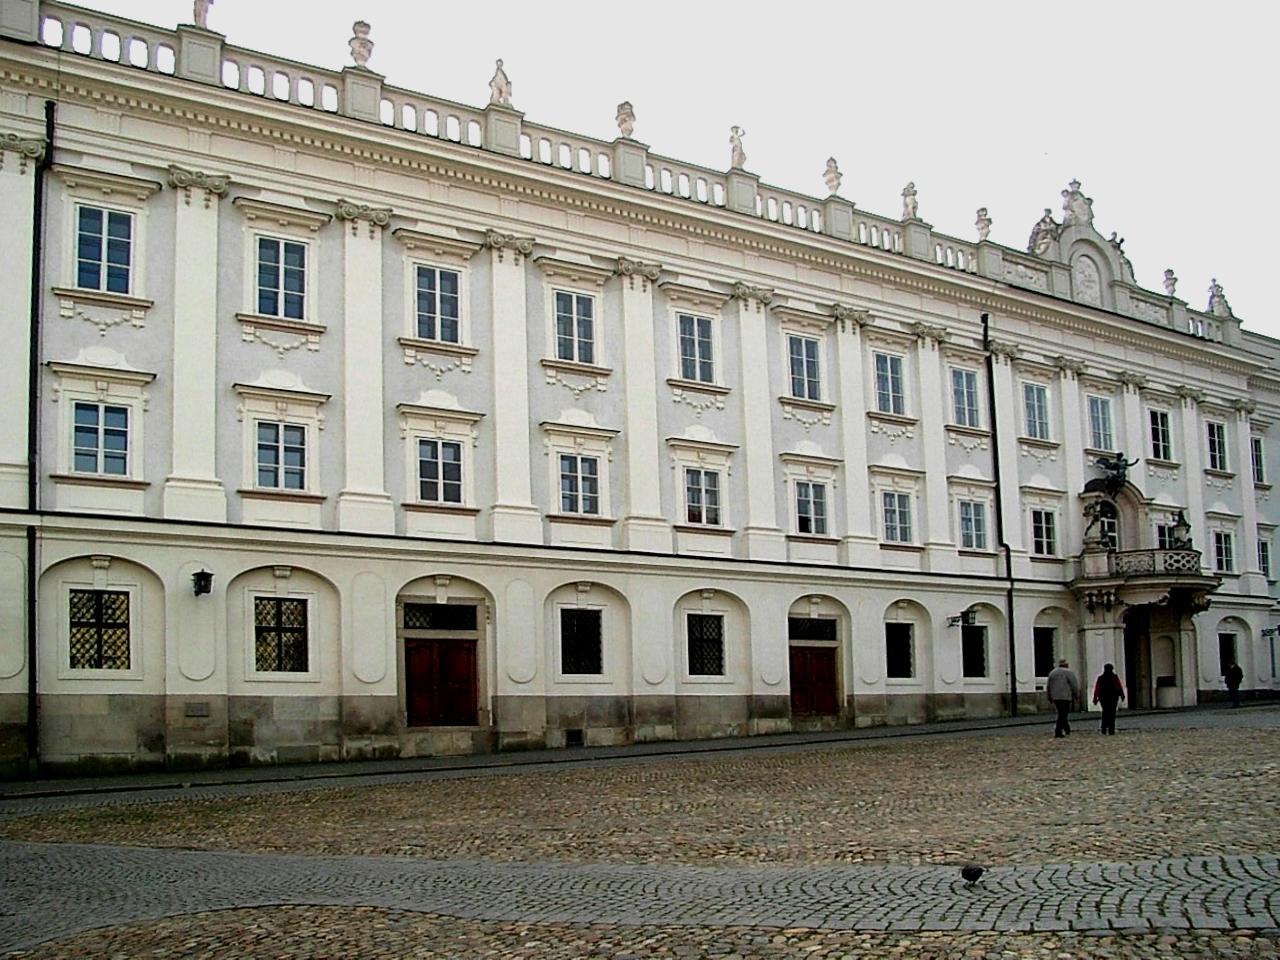 Bischöfliche Residenz Passau, by Wikimedia